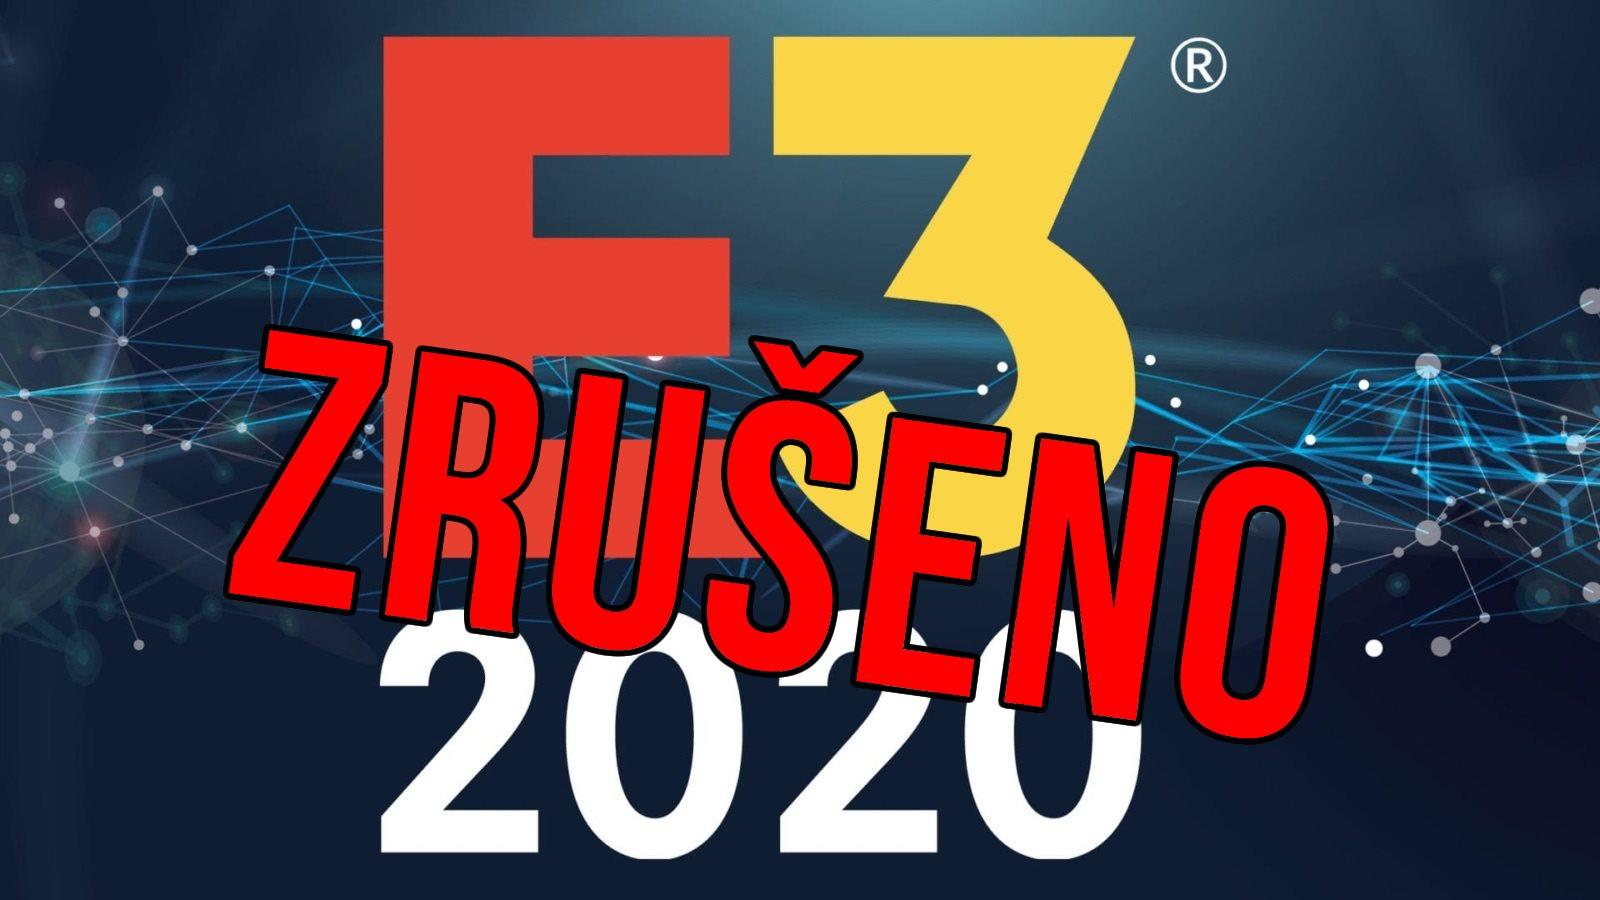 Herná výstava E3 2020 oficiálne zrušená, v hre je online variant